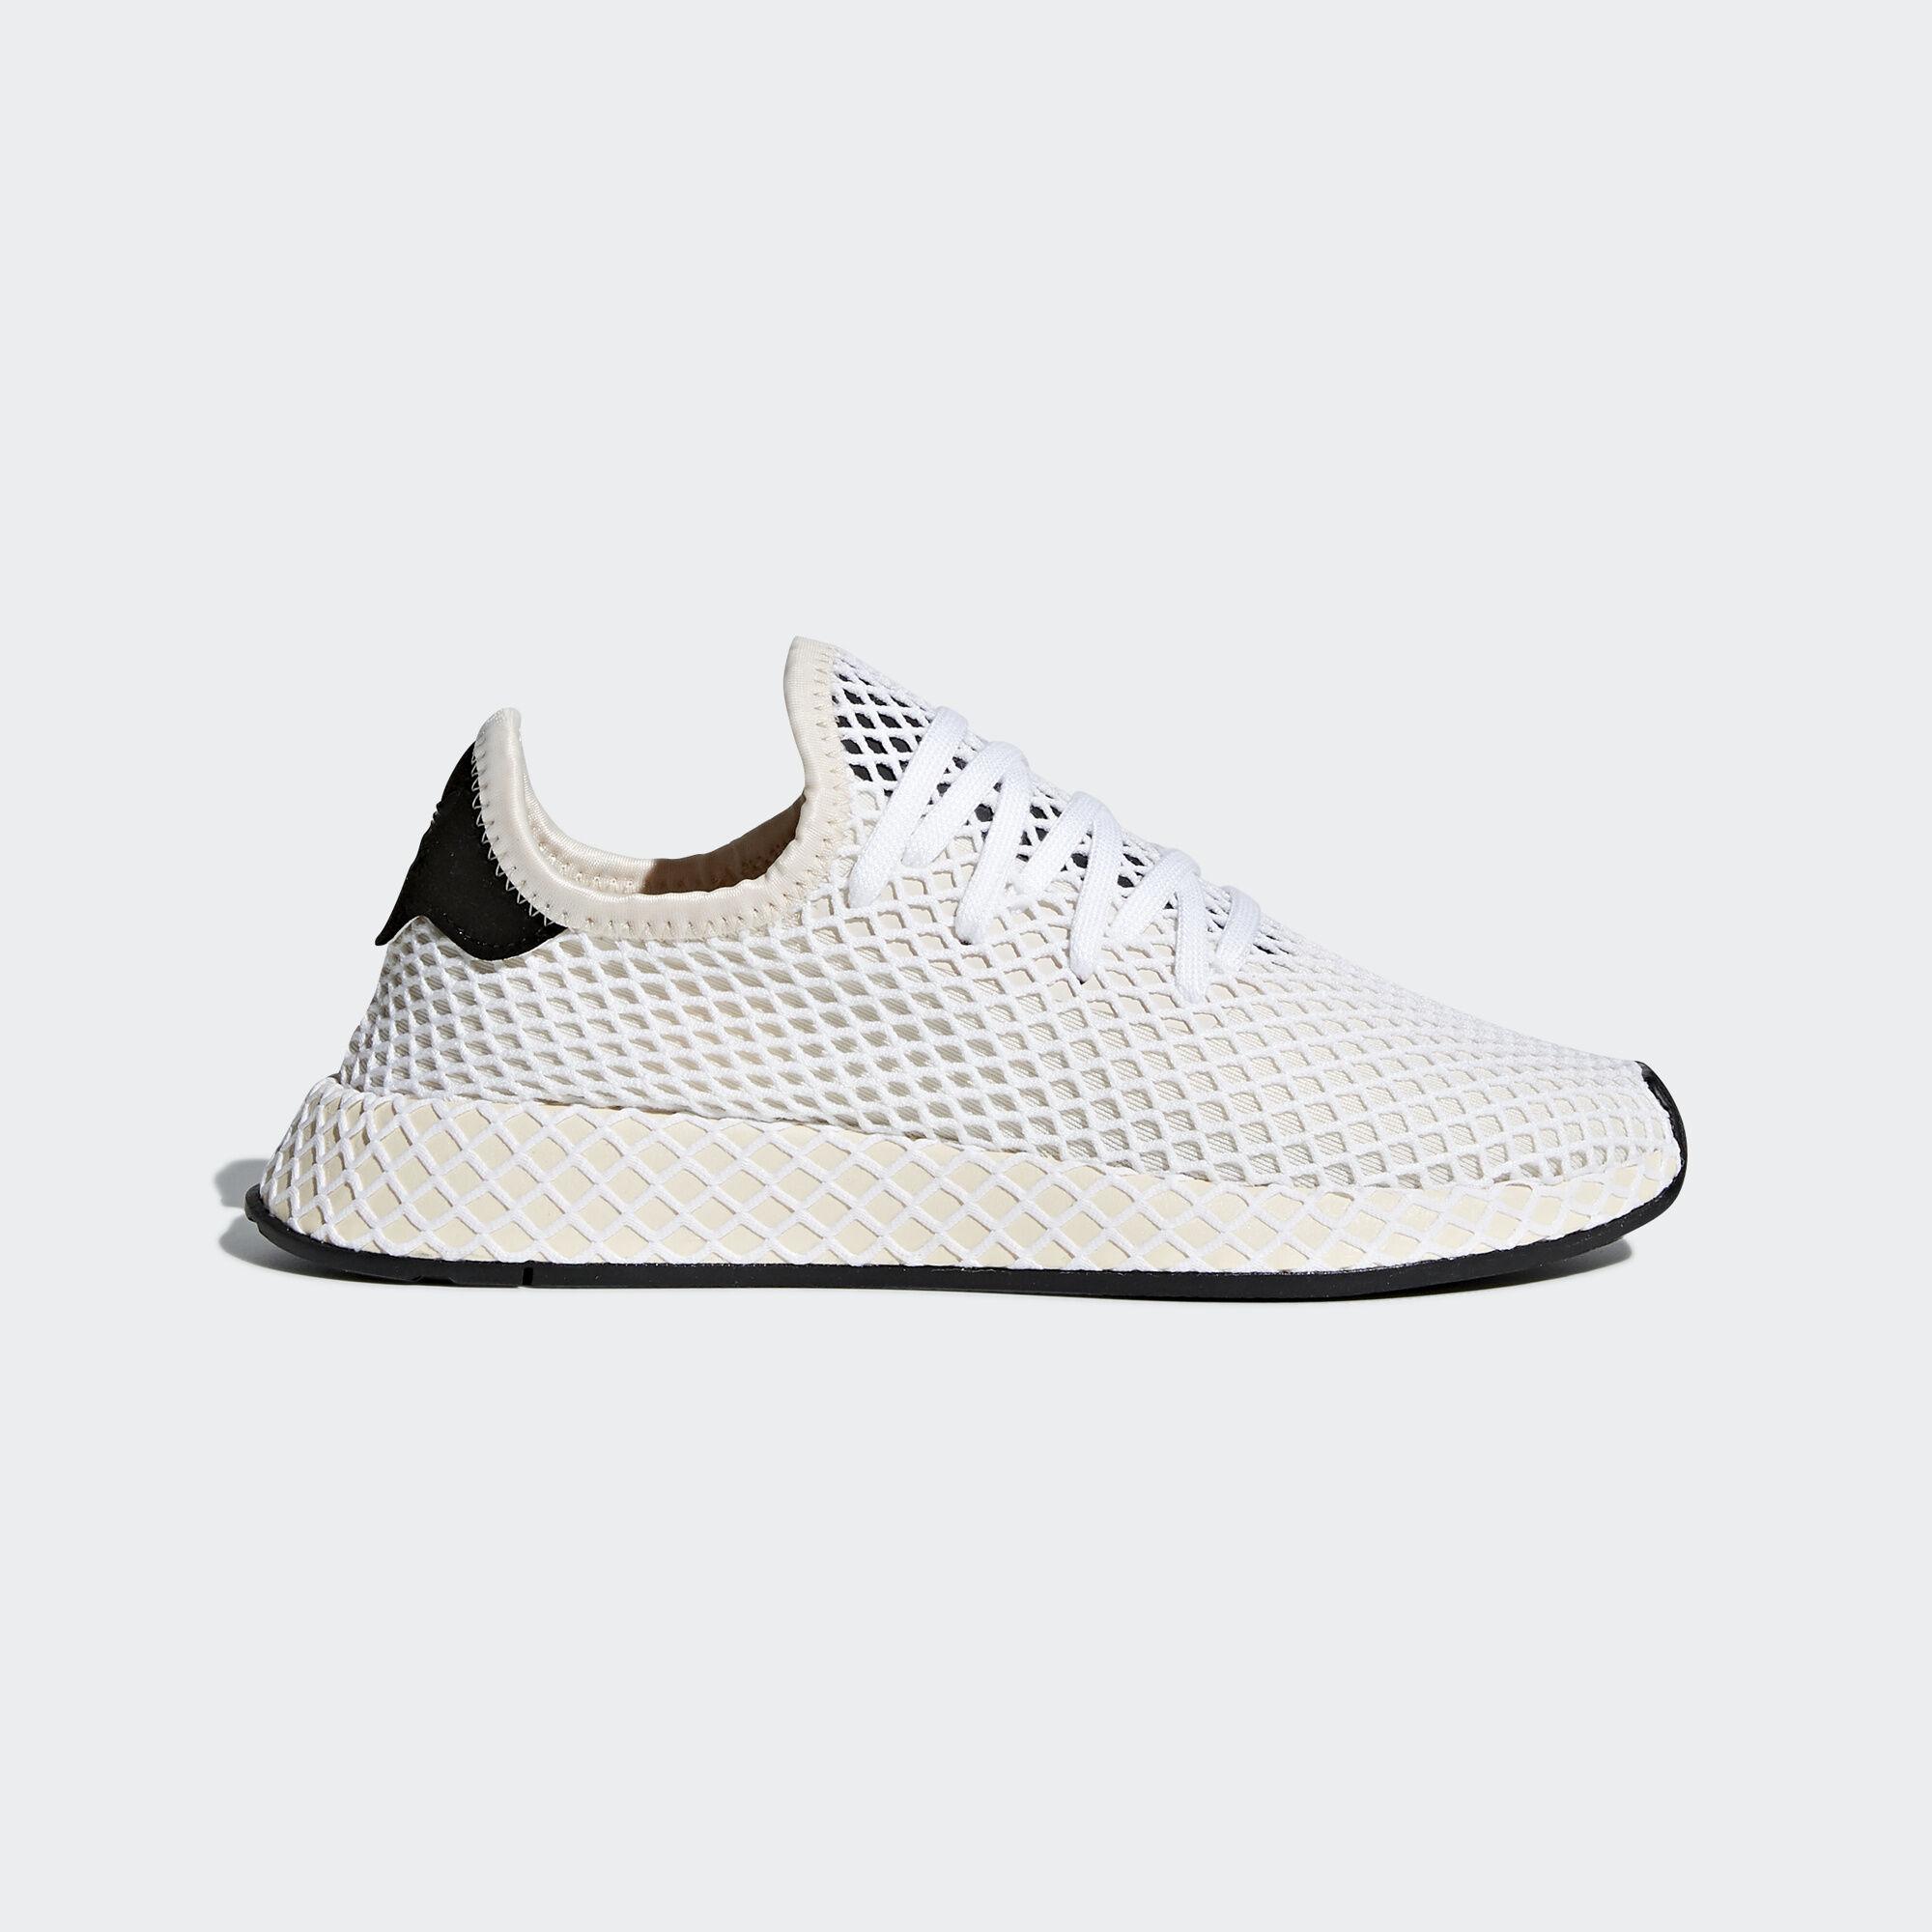 Adidas deerupt runner scarpe medio adidas beige asia / medio scarpe oriente 6aadd5